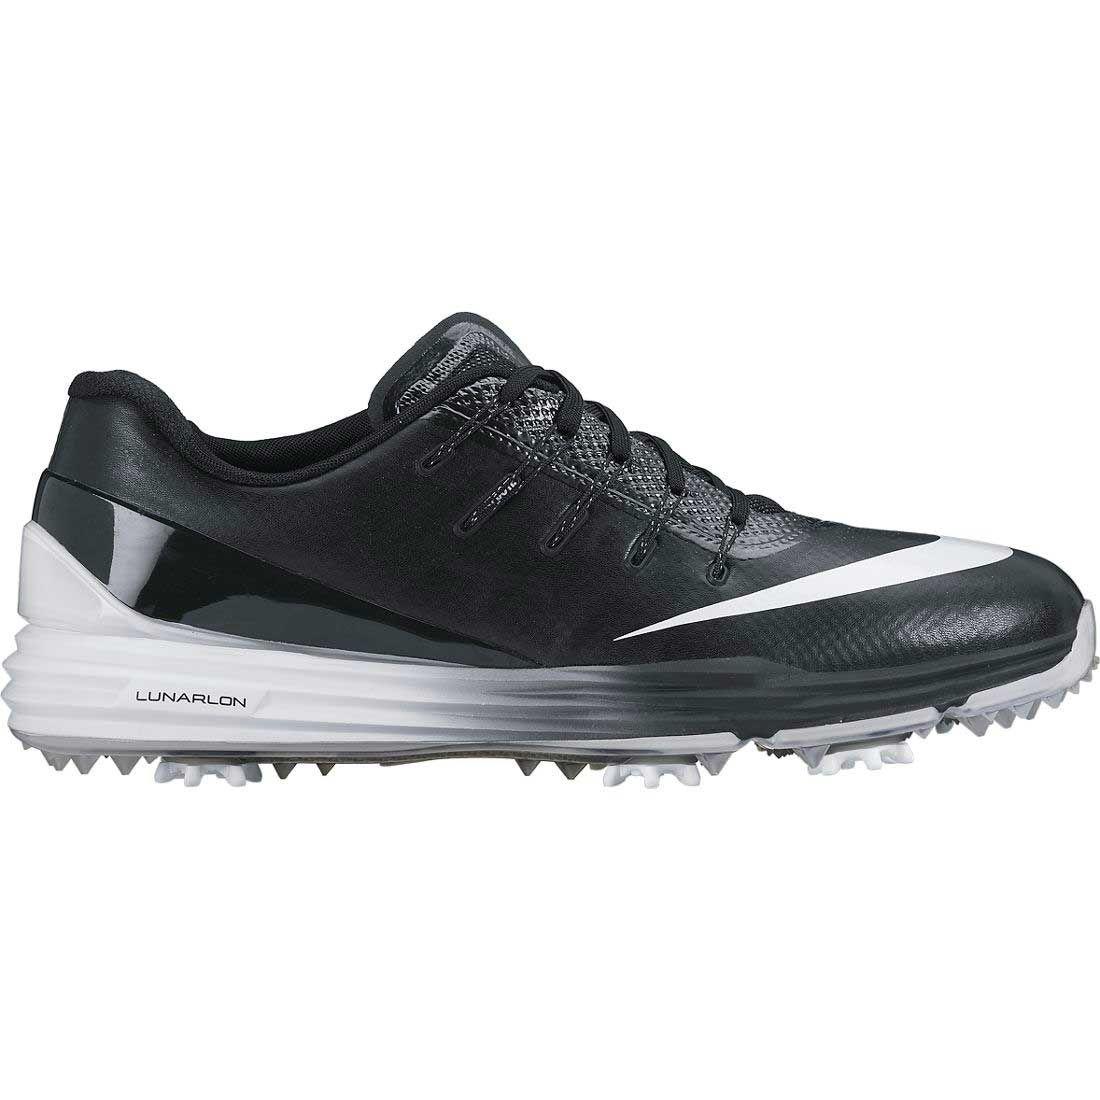 Nike Lunar Control 4 Golf Shoes Black